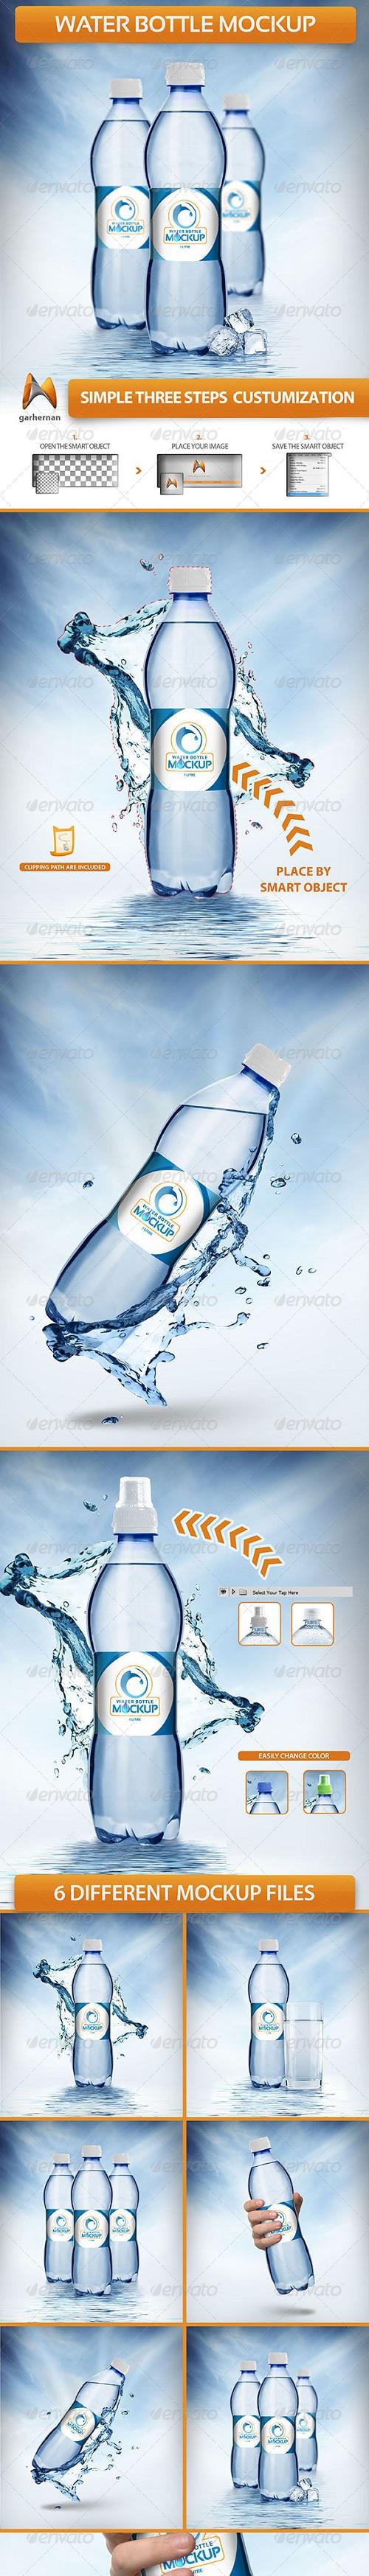 Water Bottle Mockup Template Free